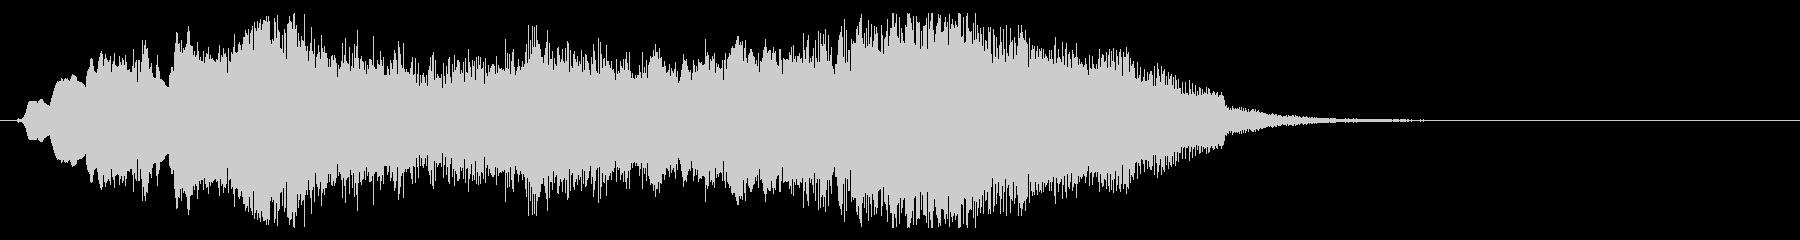 上品で可愛いジングル11aの未再生の波形